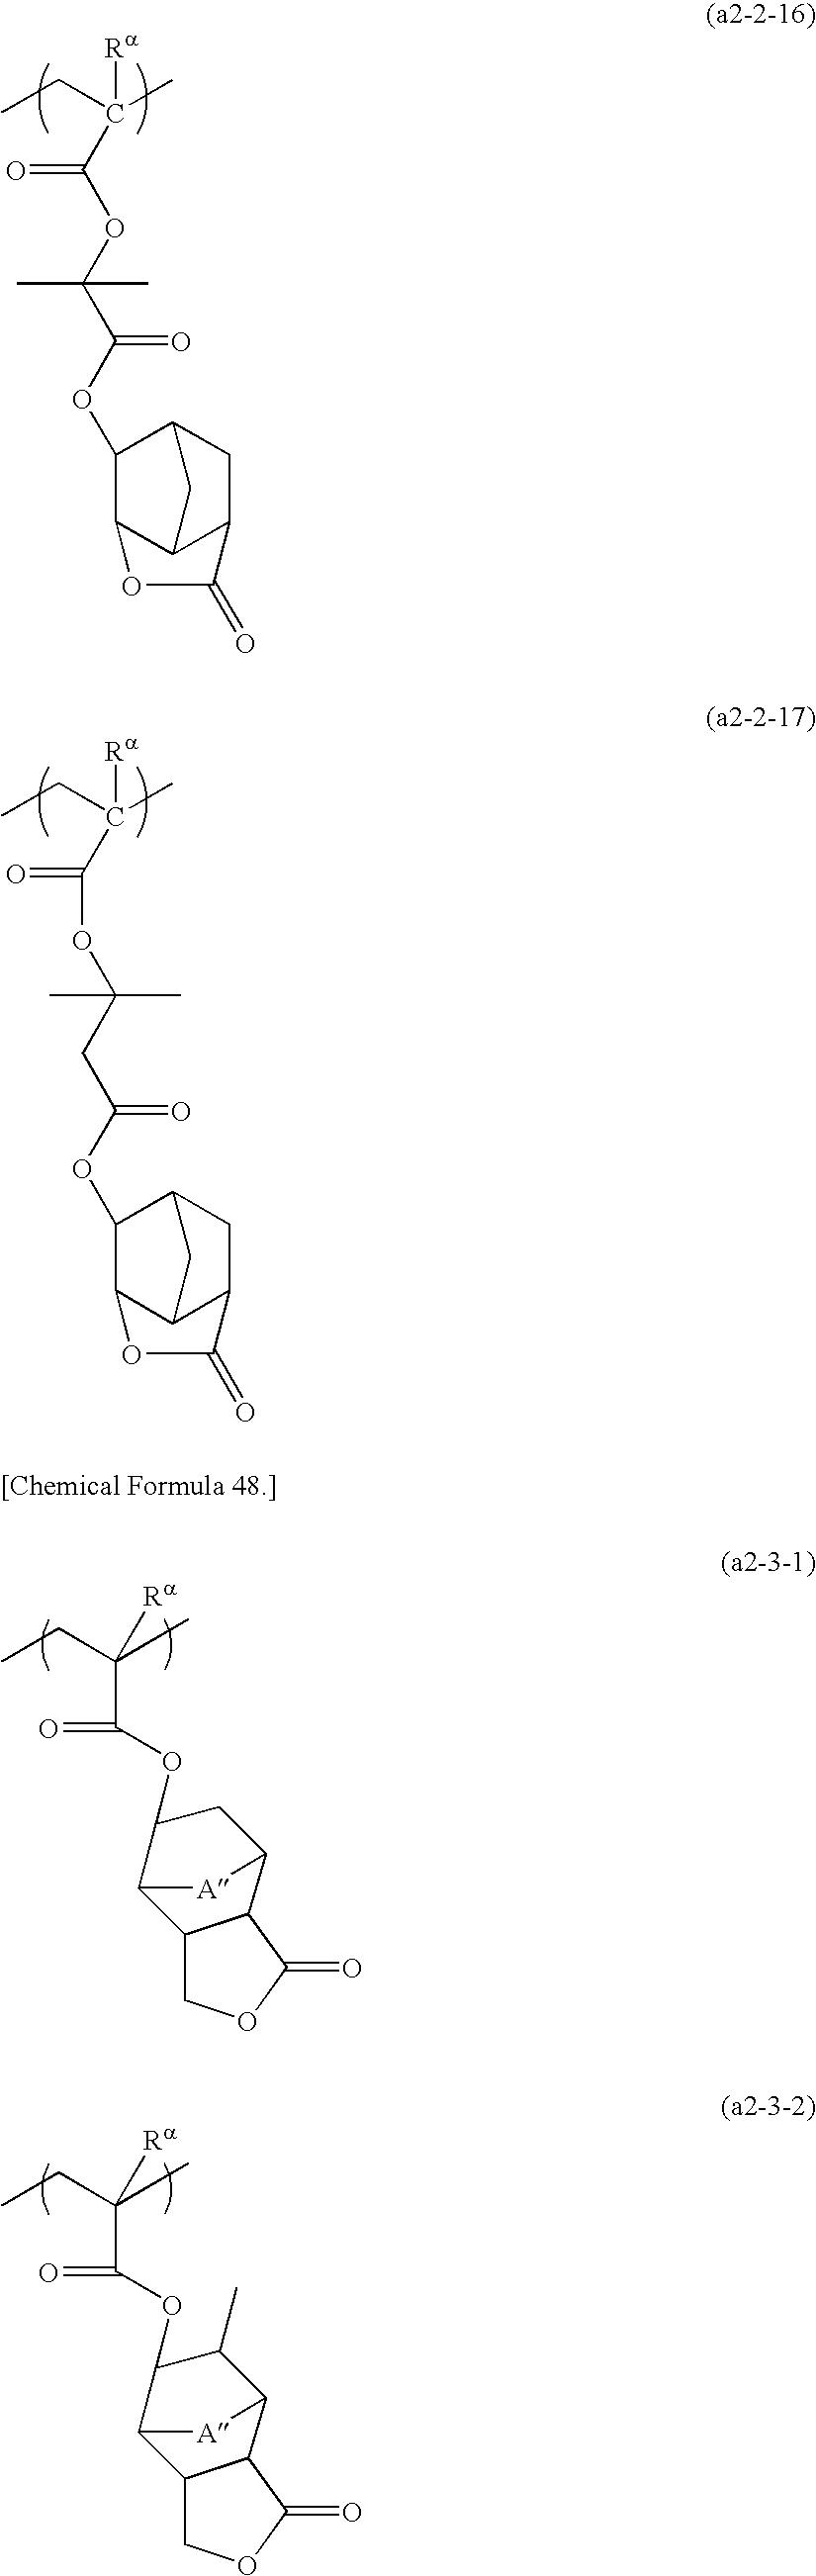 Figure US20100196821A1-20100805-C00073